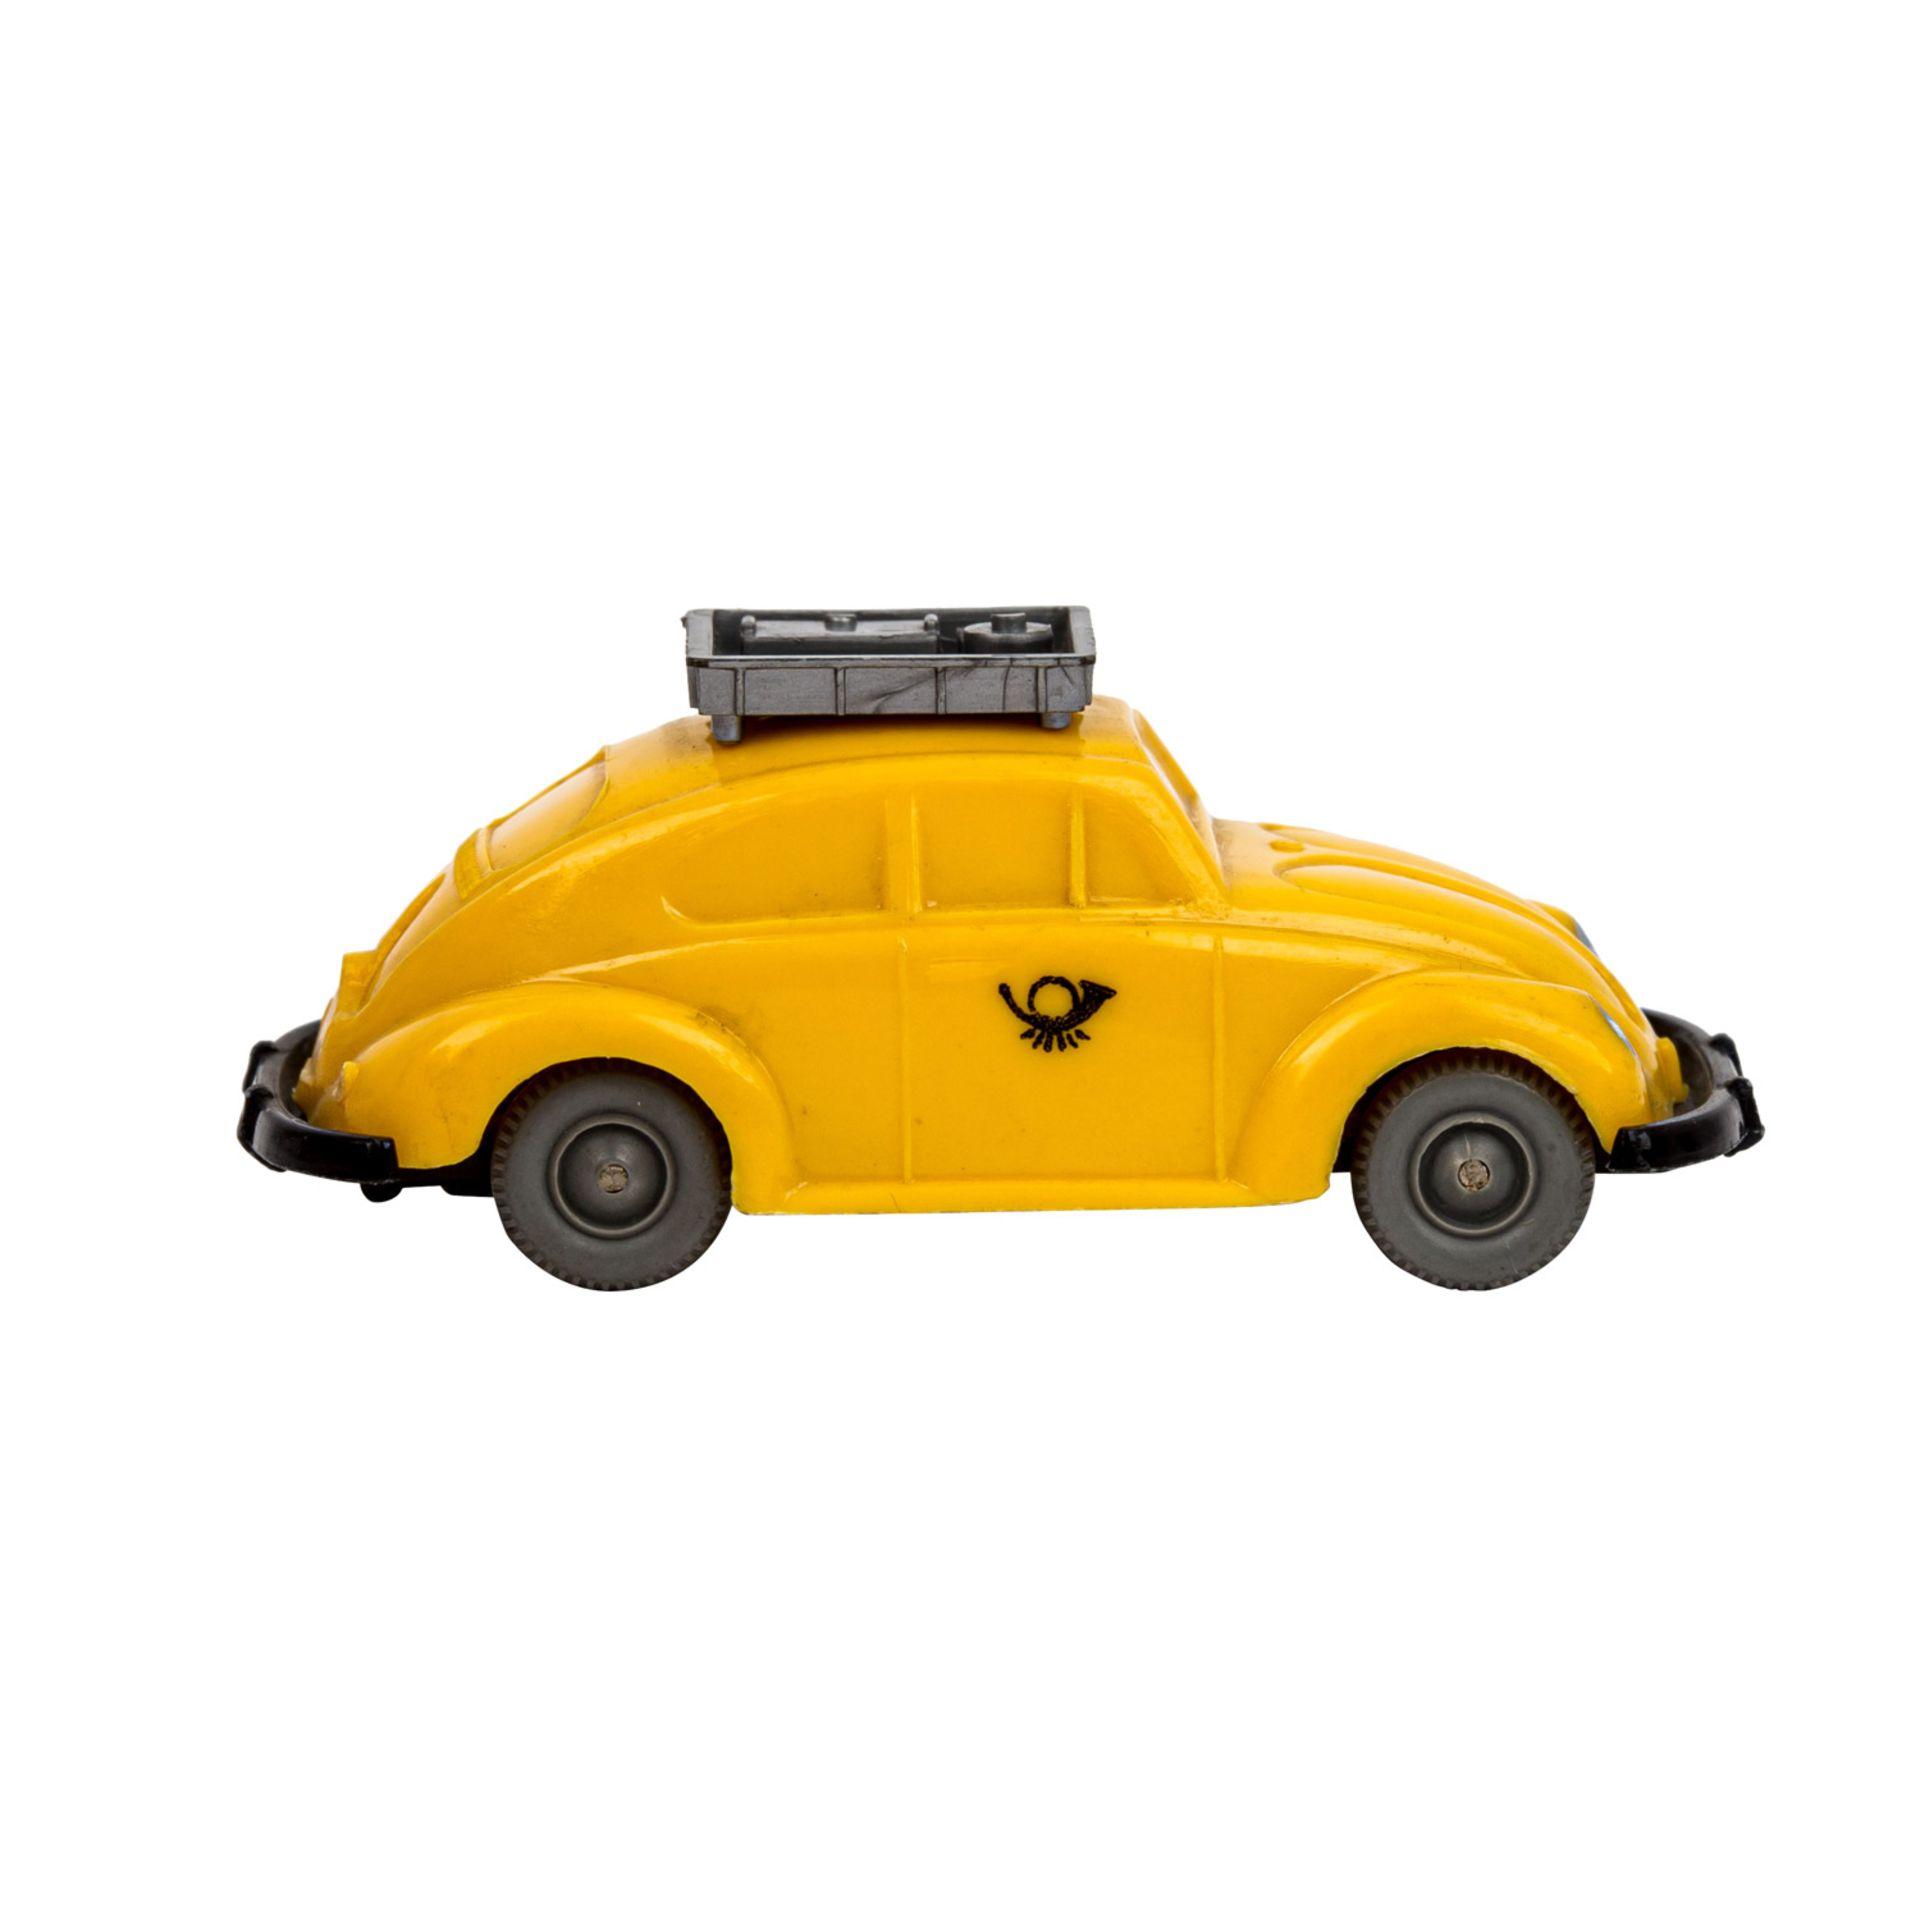 WIKING VW Käfer 'Postwagen', 1963-67,unverglaster Rollachser, gelbe Karosserie mit si - Image 4 of 5